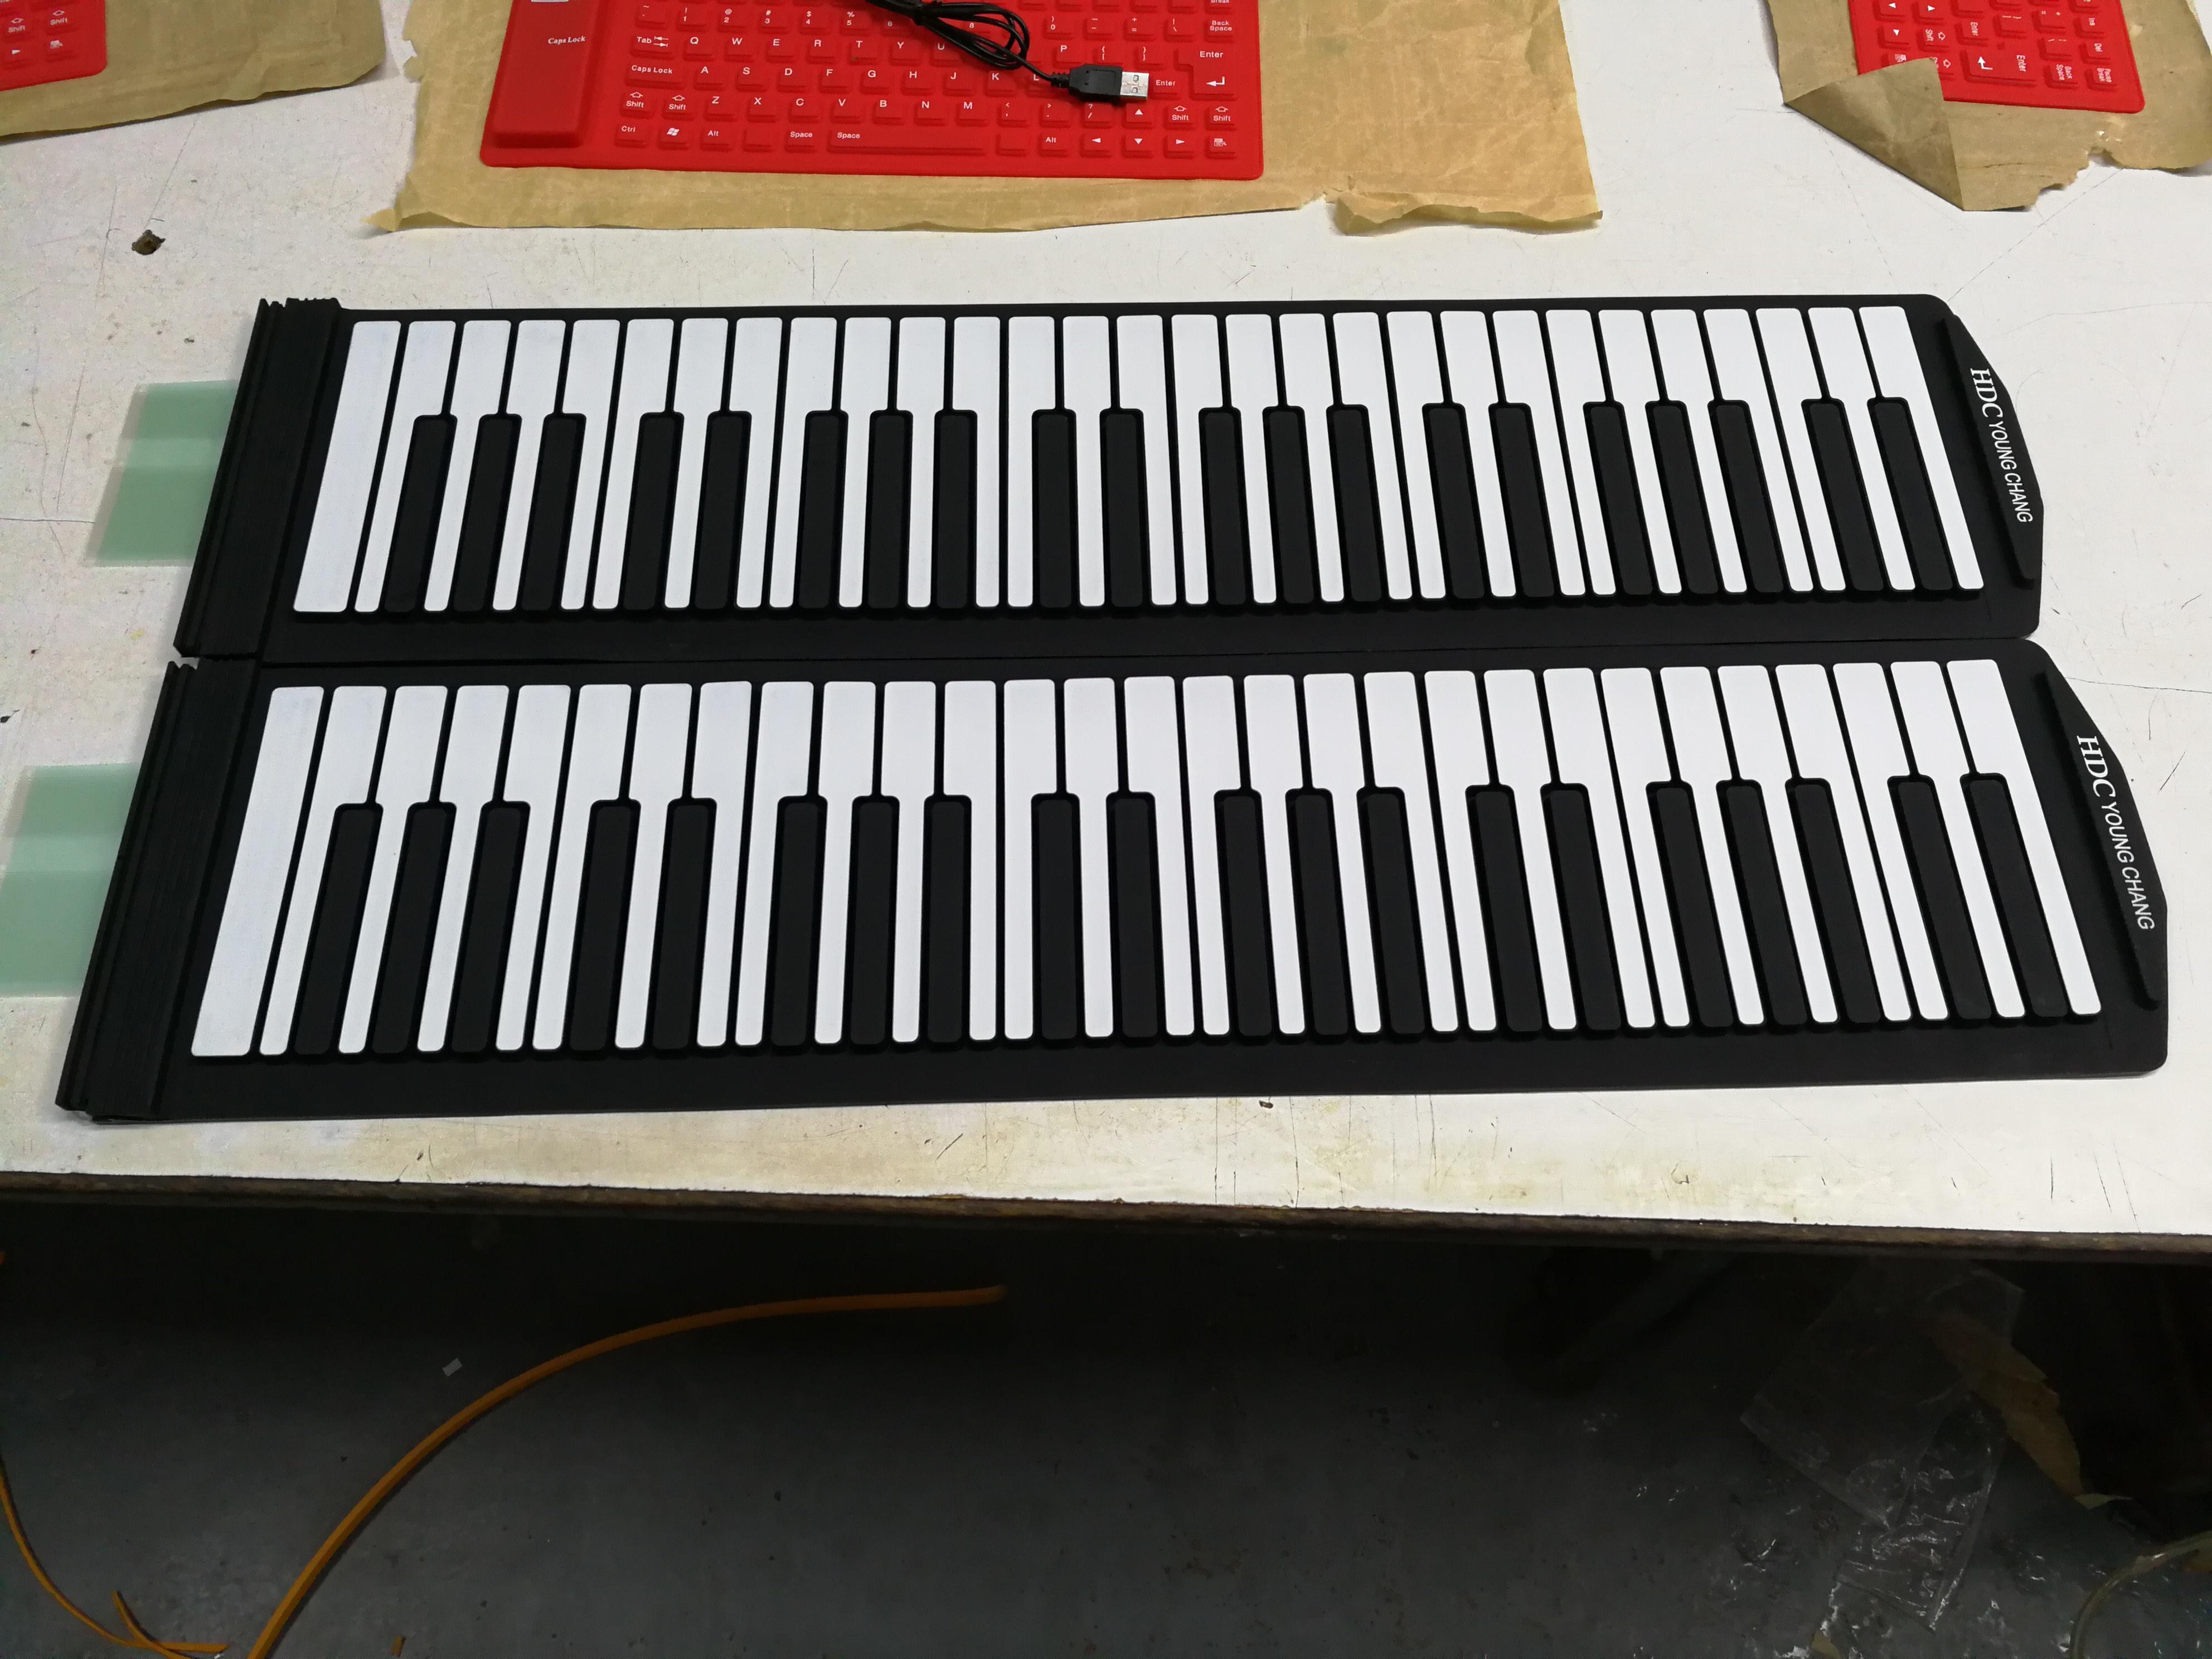 硅胶电子琴价格 硅胶电子琴全国直销  硅胶电子琴优质供应商 硅胶电子琴 硅胶电子琴供应商